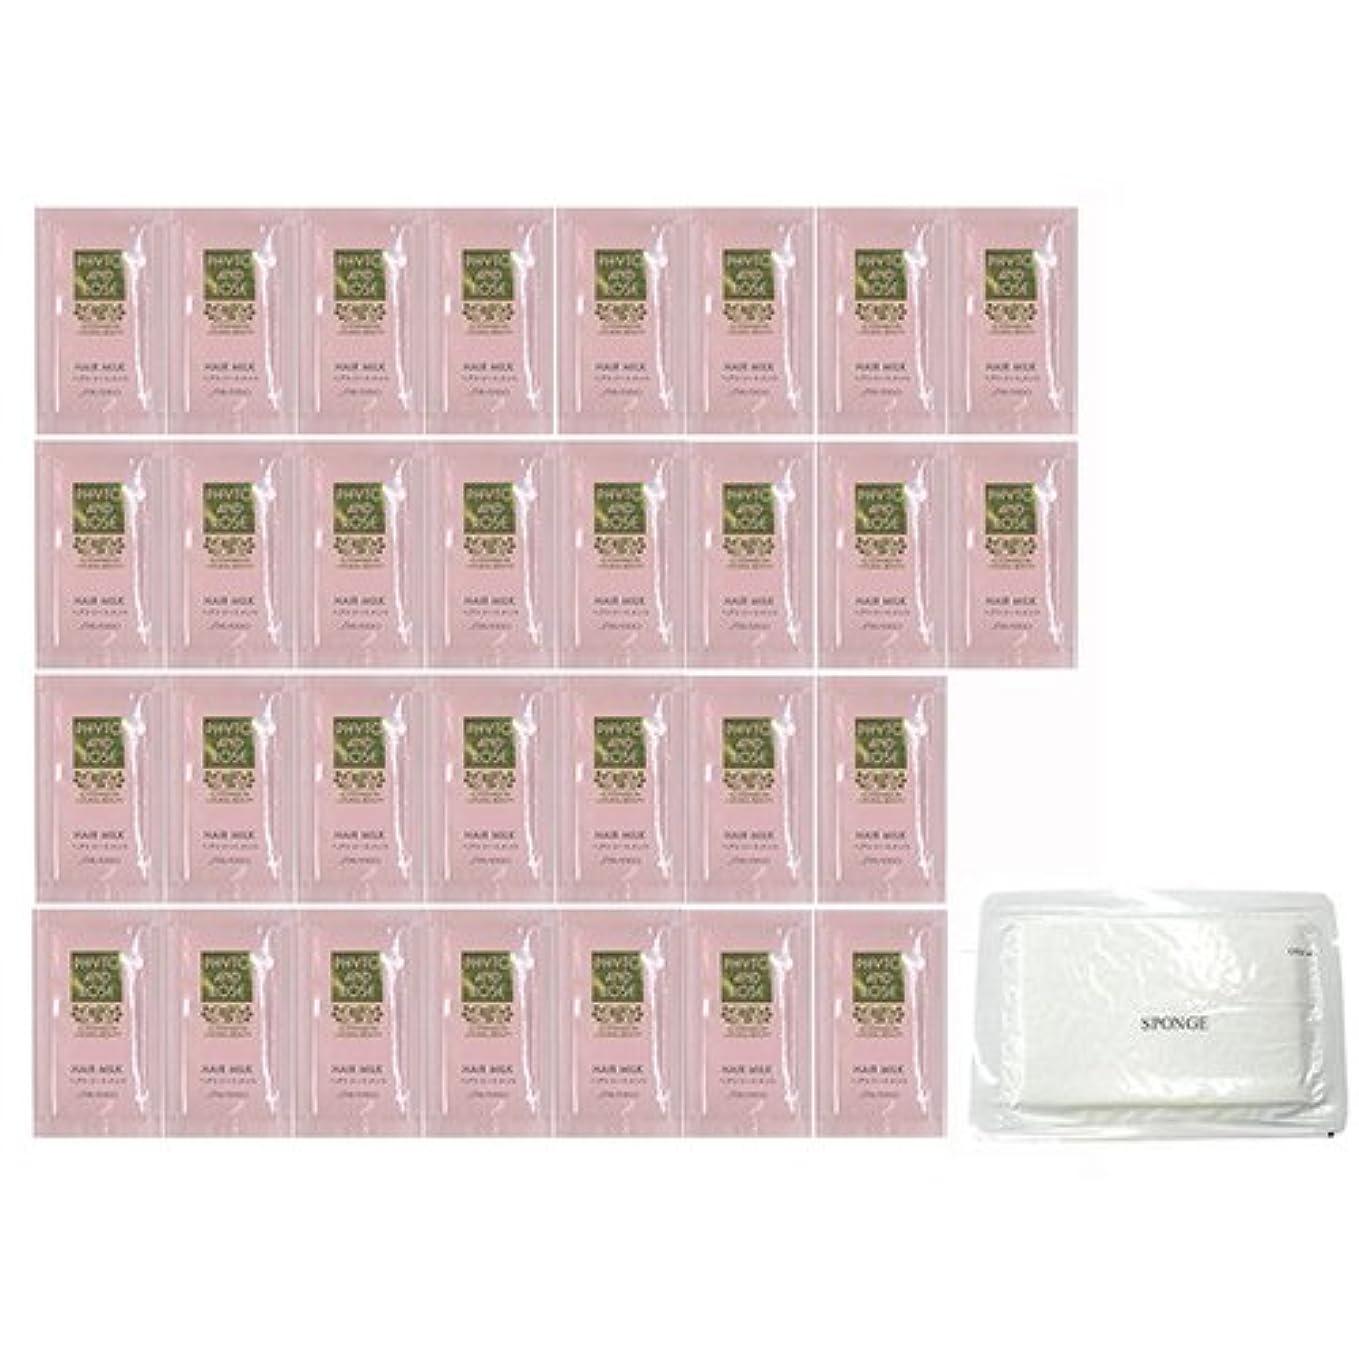 推測幼児ワイプ資生堂 フィト アンド ローズ パウチ ヘアミルク 3ml × 30個 + 圧縮スポンジセット